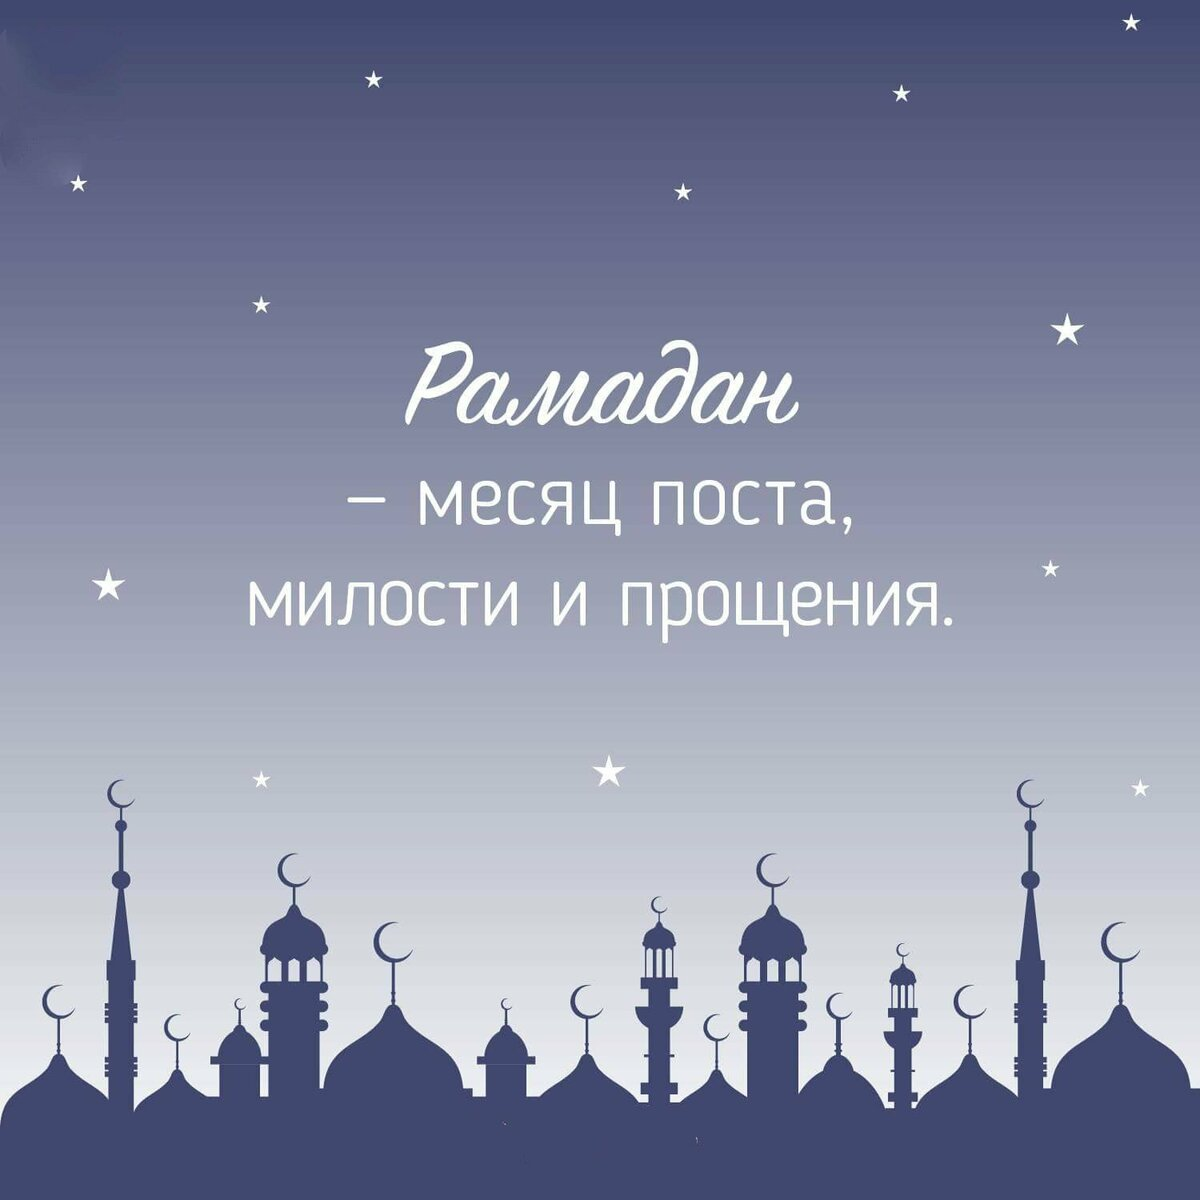 Татьянин, картинки с месяцем рамадан с надписями